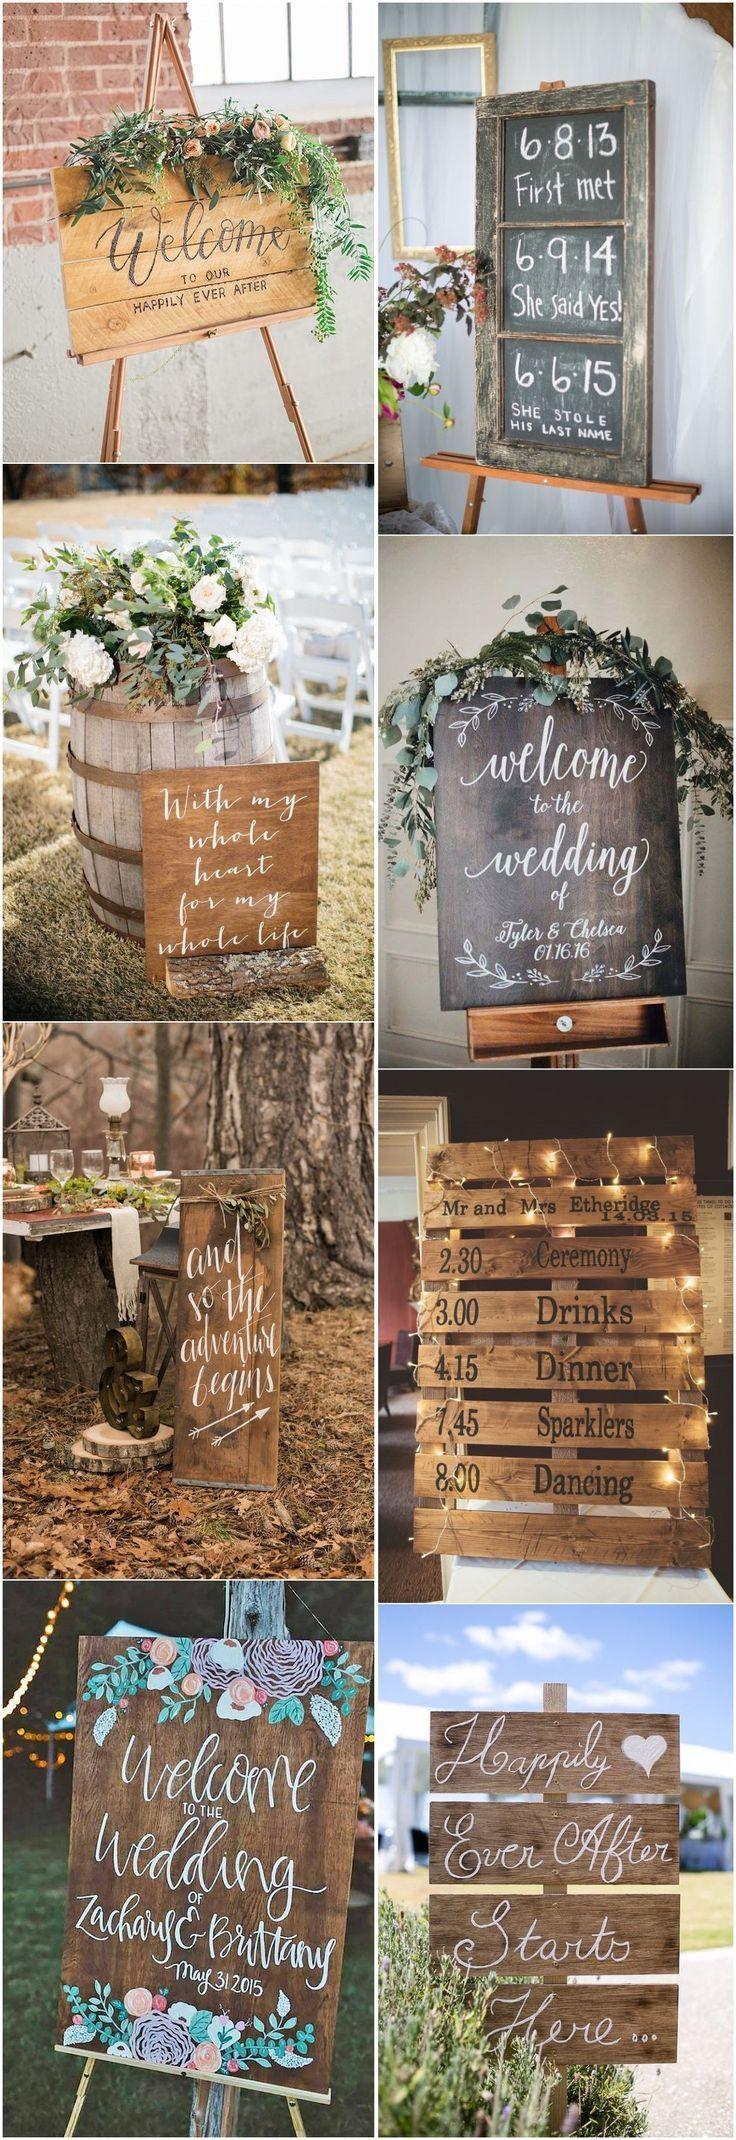 18 Rustikale Budget-freundliche rustikale Hochzeit unterzeichnet Ideen, #Budgetfreundliche #...